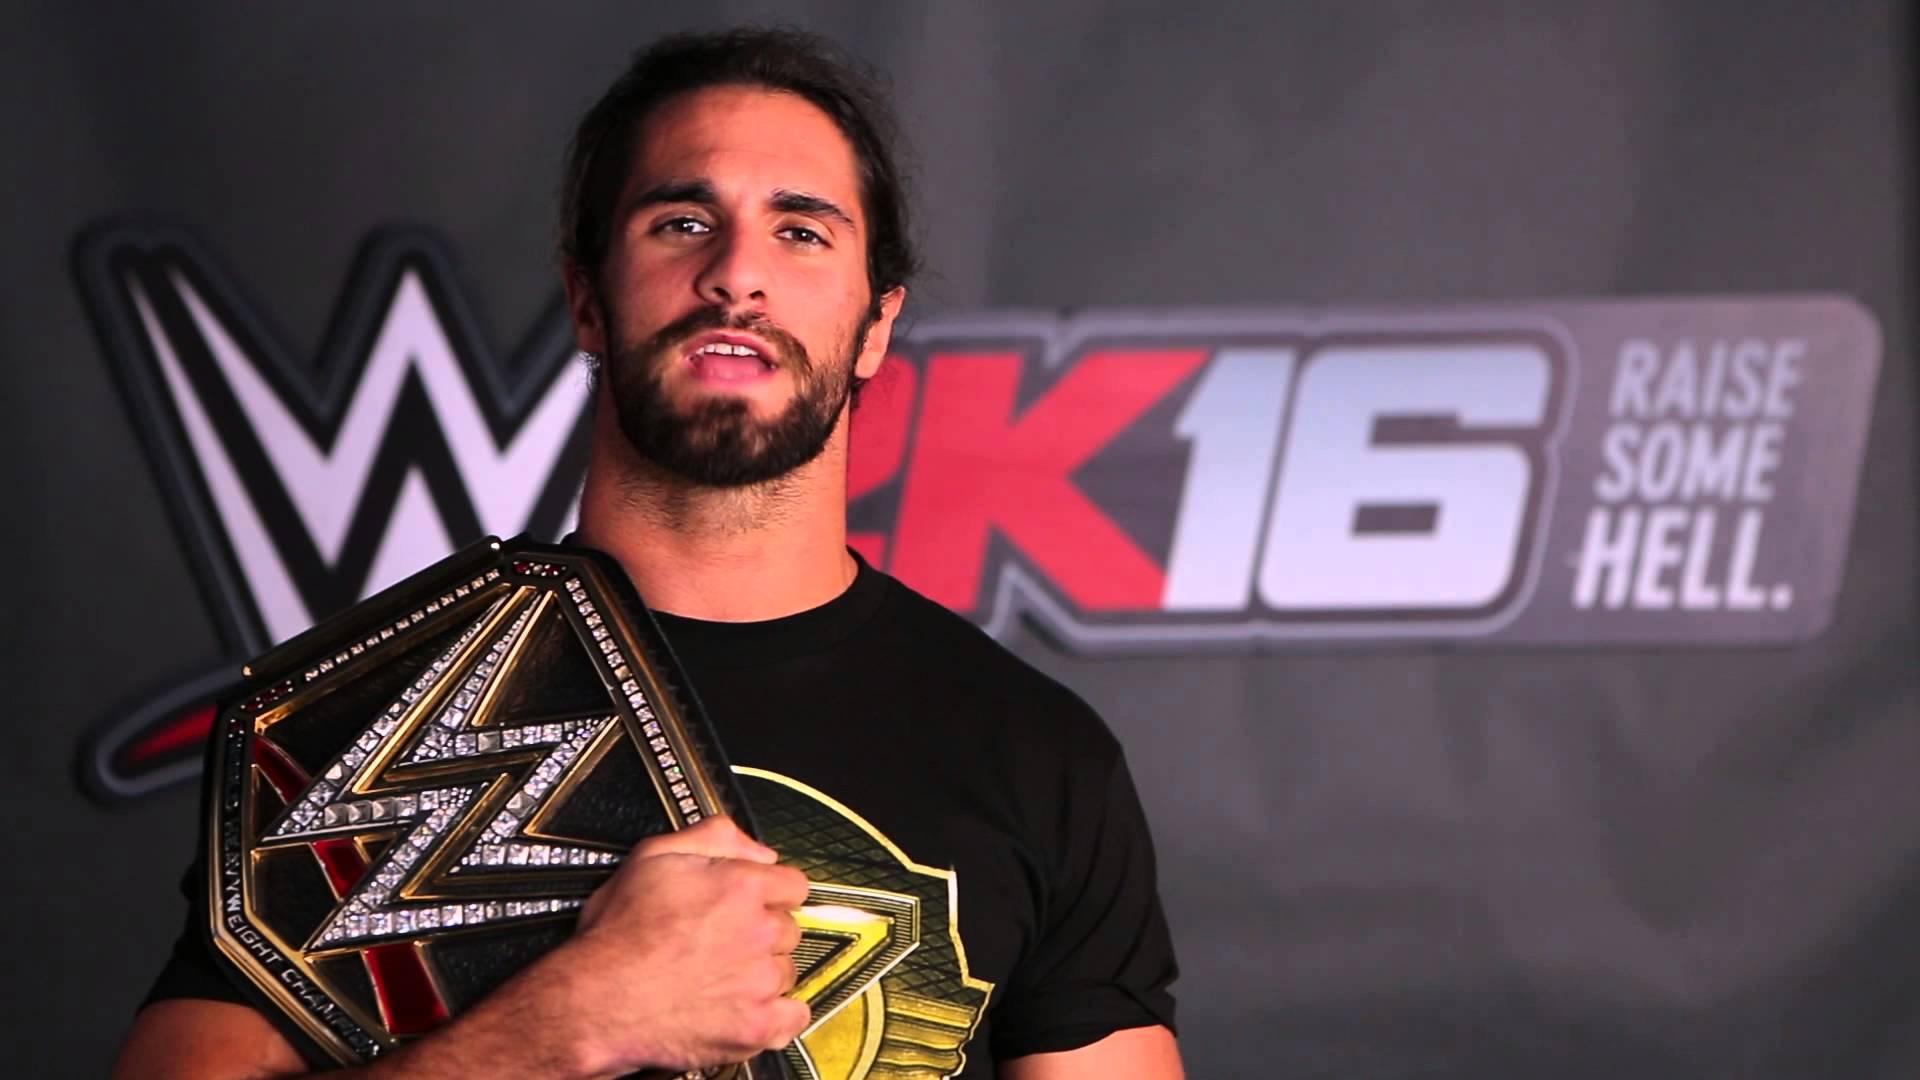 Seth WWE